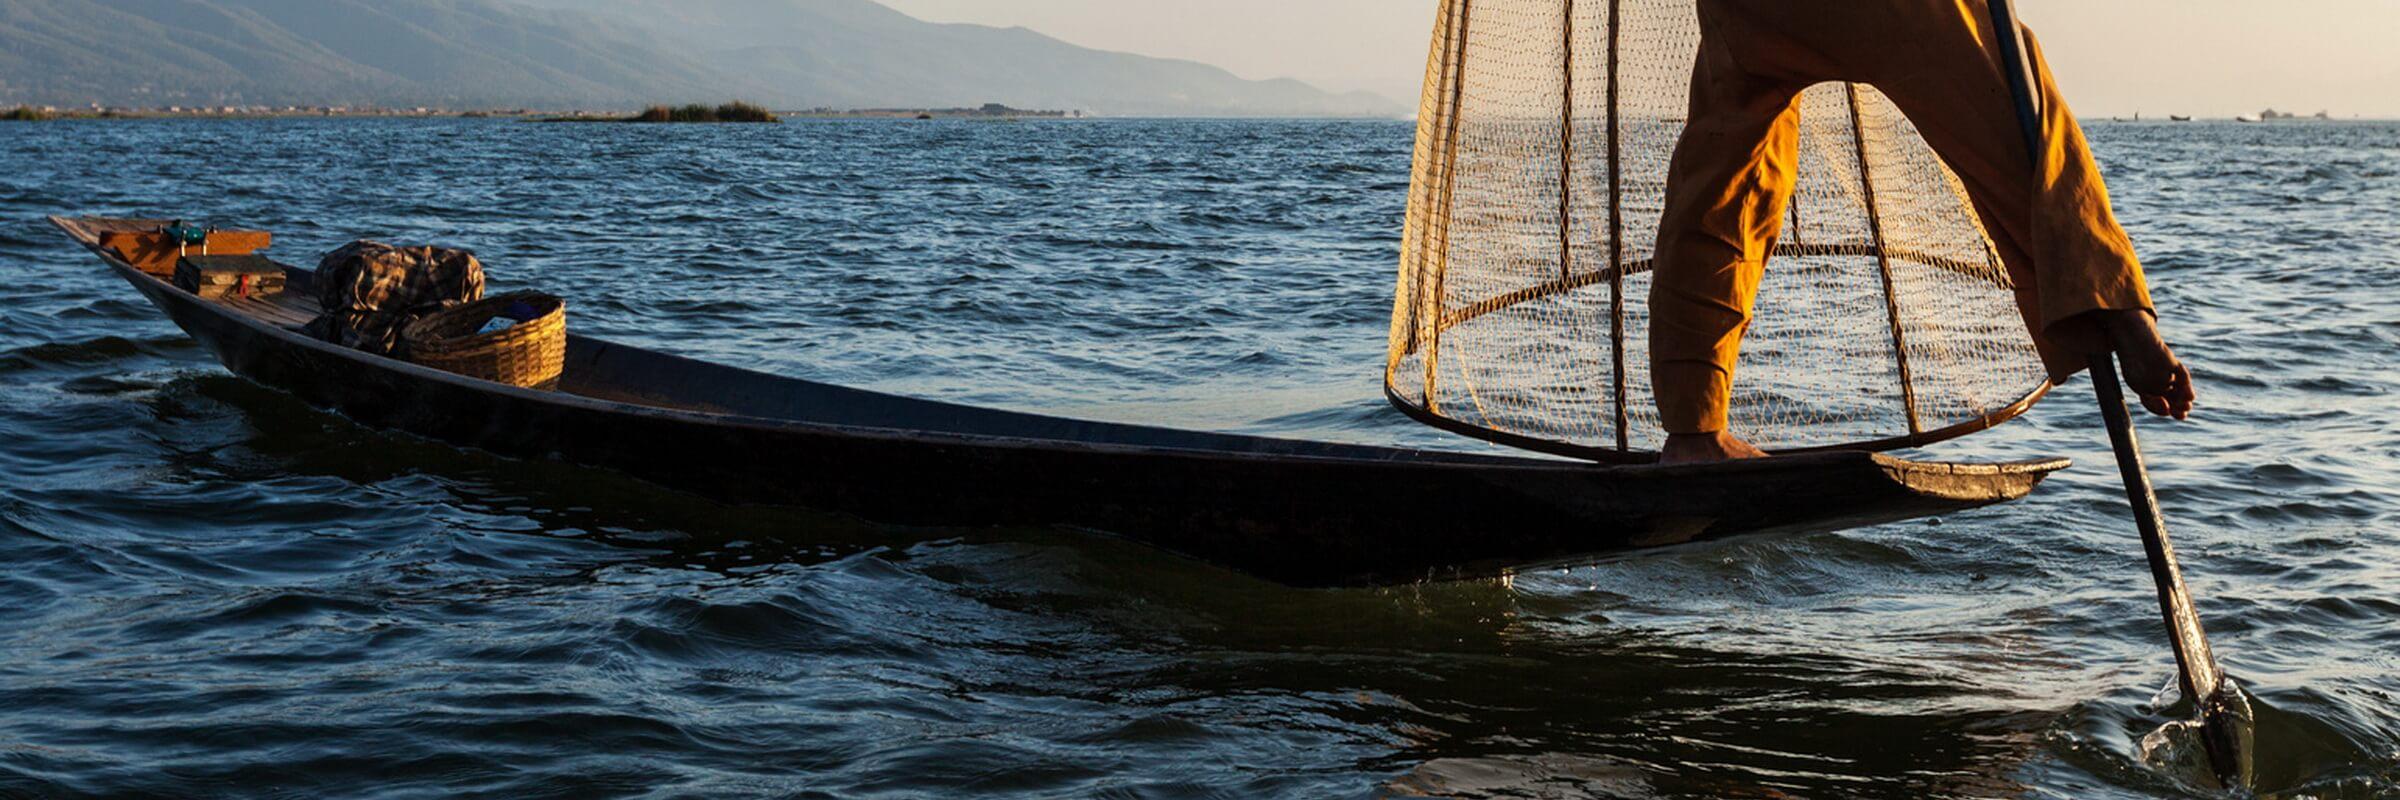 Die Bewohner des Inle-Sees sind berühmt für ihre Rudertechnik, bei der sie ein Bein um das Ruder schlingen, um beide Hände zur Pflege der schwimmenden Gärten oder zum Fischfang frei zu haben.